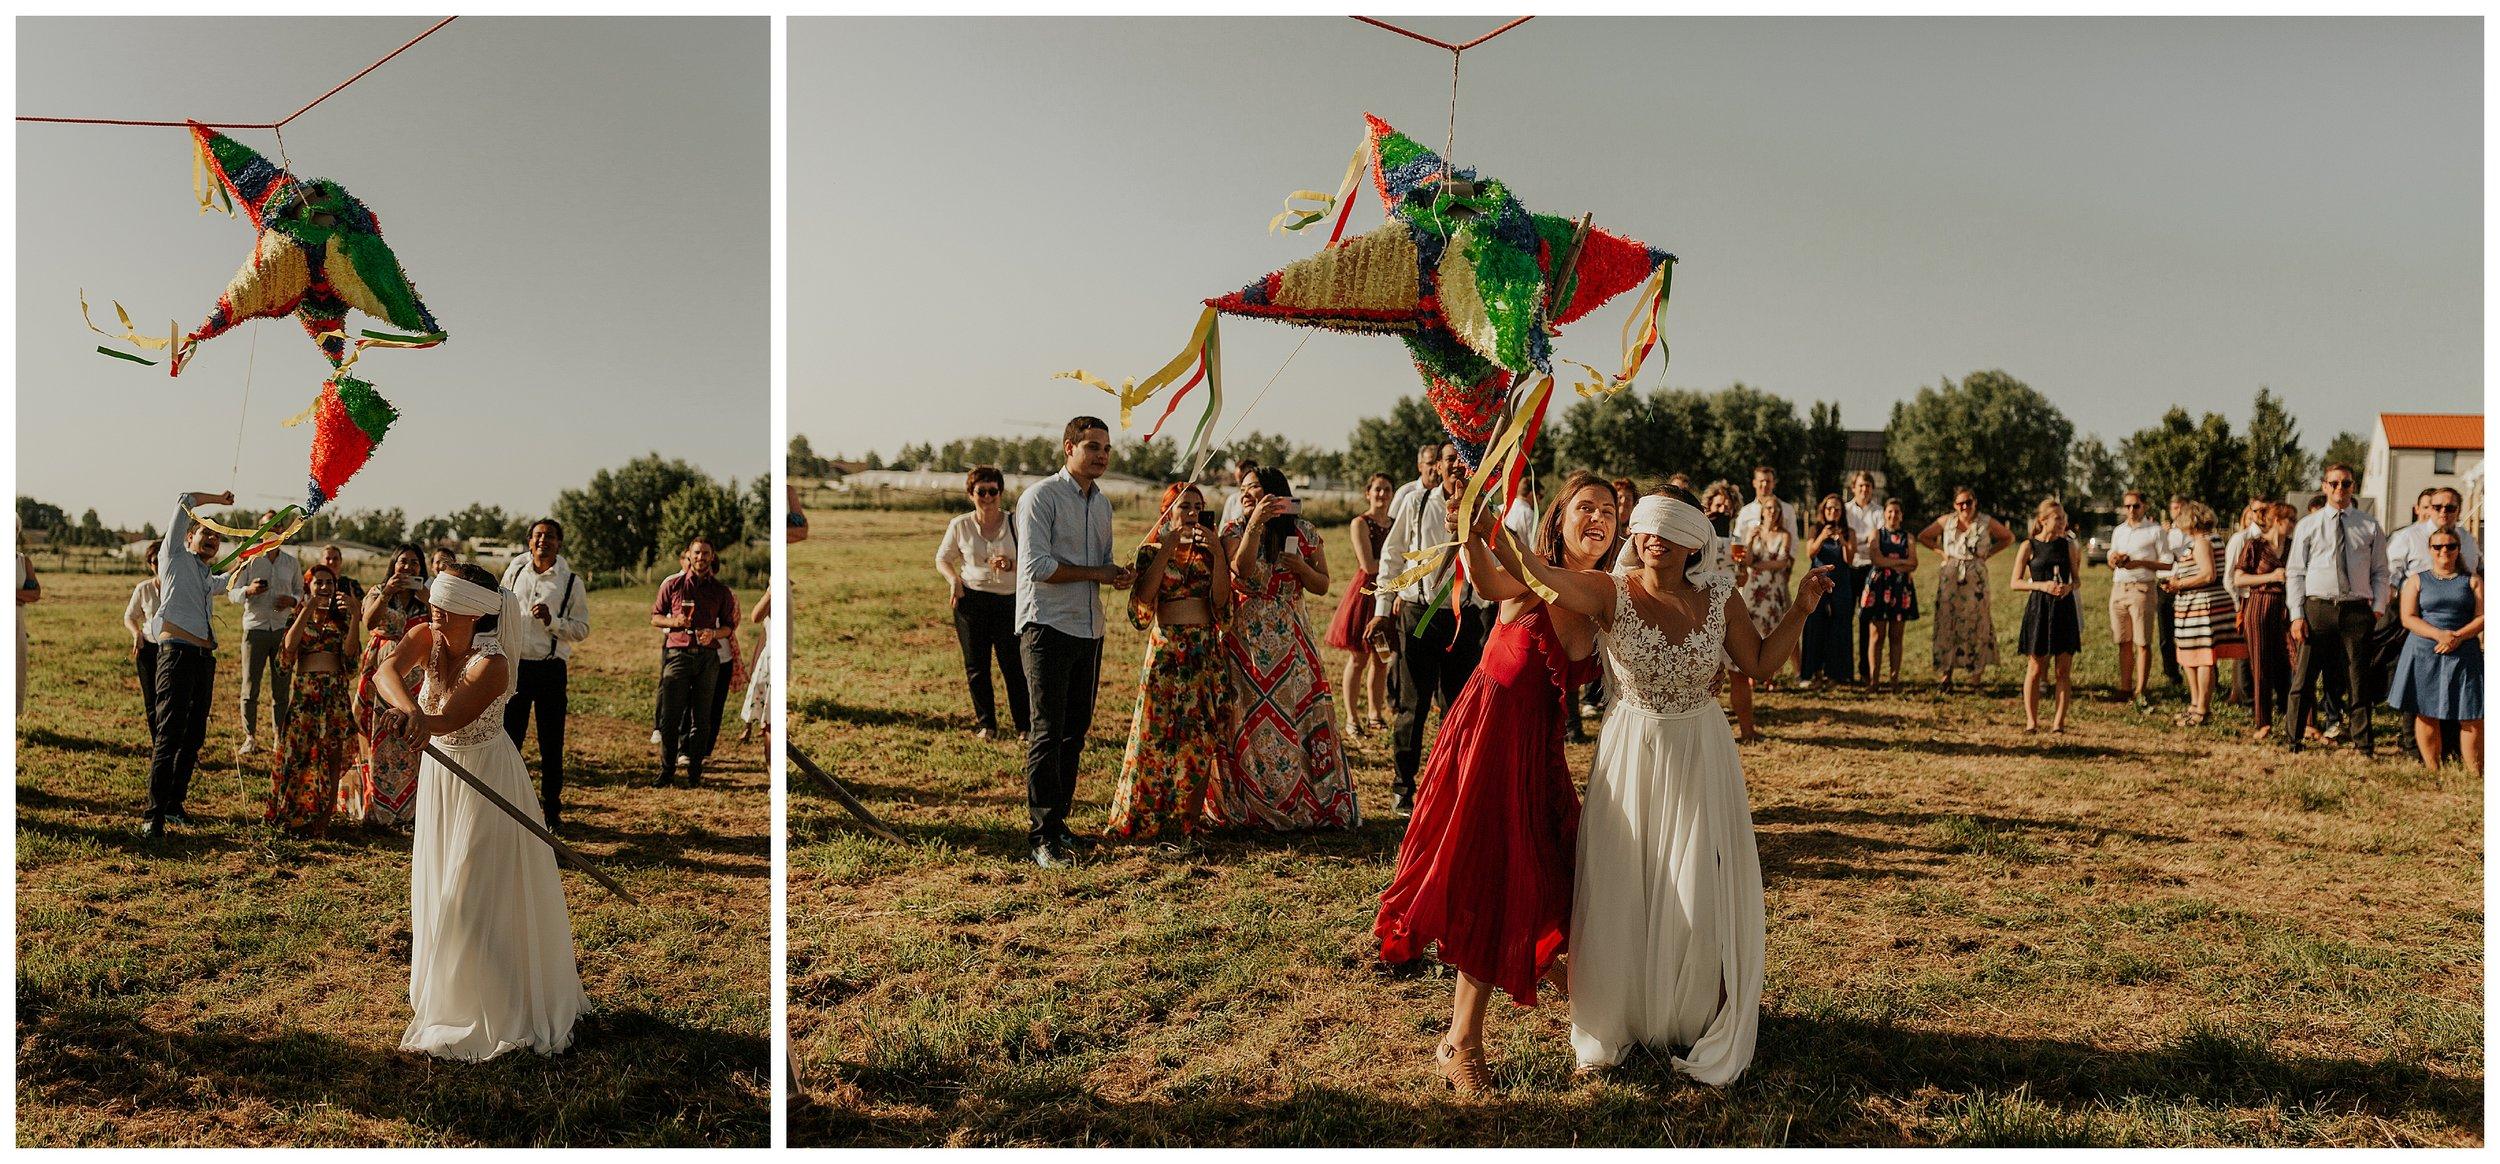 huwelijksfotograaf-huwelijksfotografie-knokke-heist-lisa-helsen-photography-trouwfotograaf-trouwfoto-sabine-pieter_0043.jpg